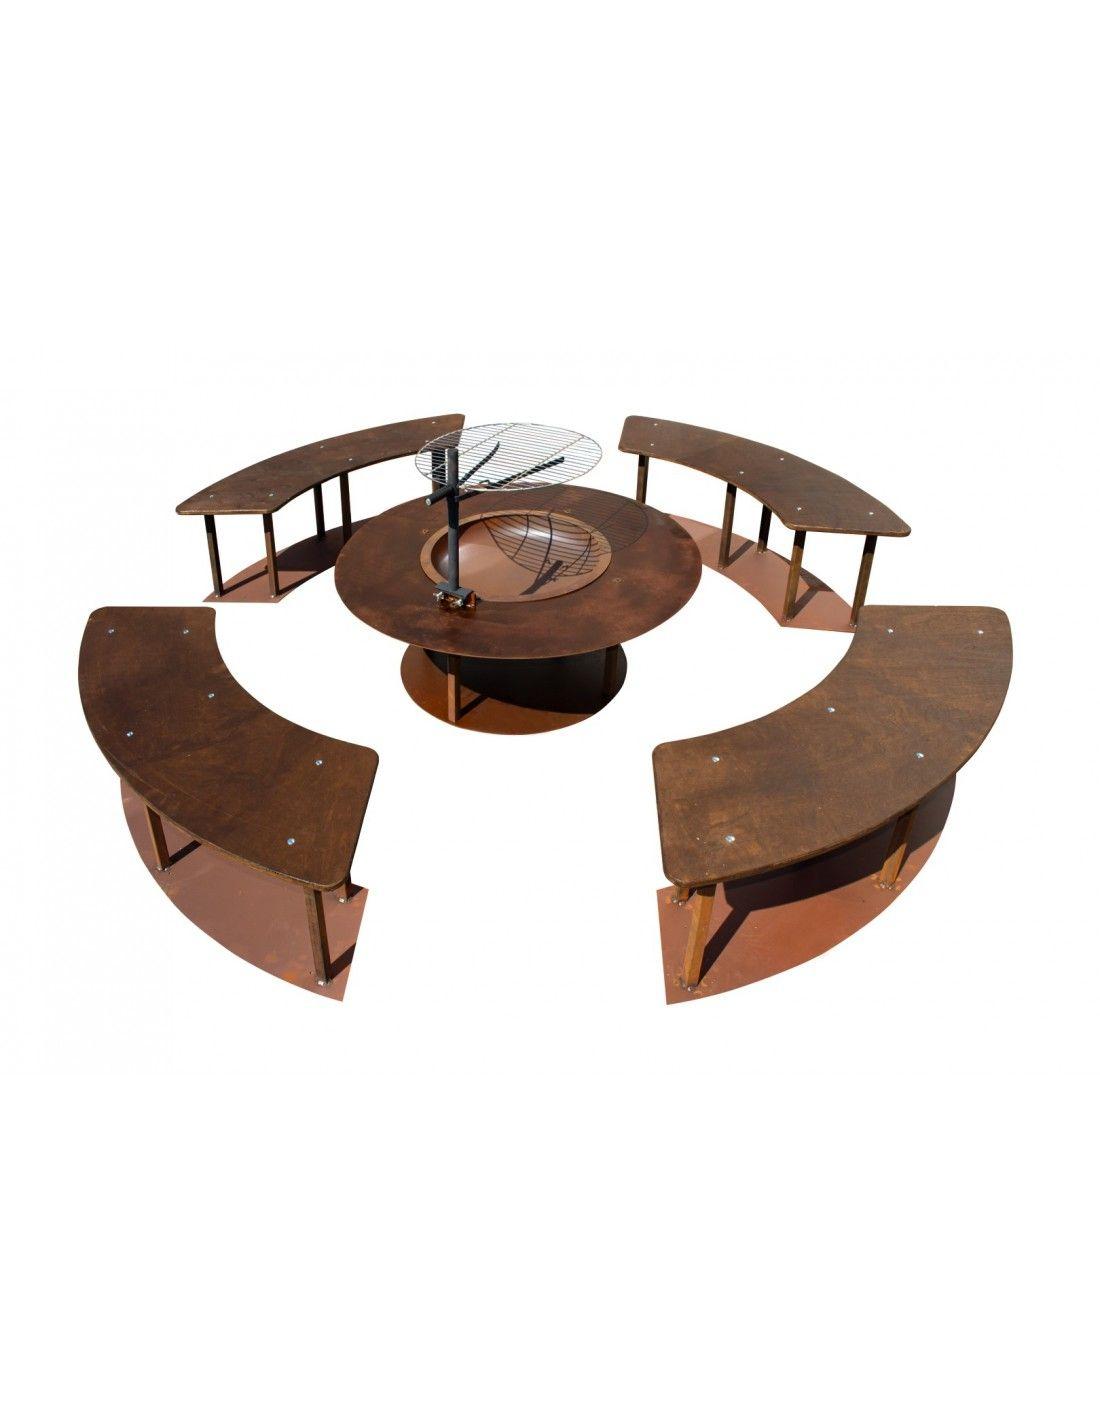 Feuerstelle Circle Xxl Set Mit Grill Und Banken